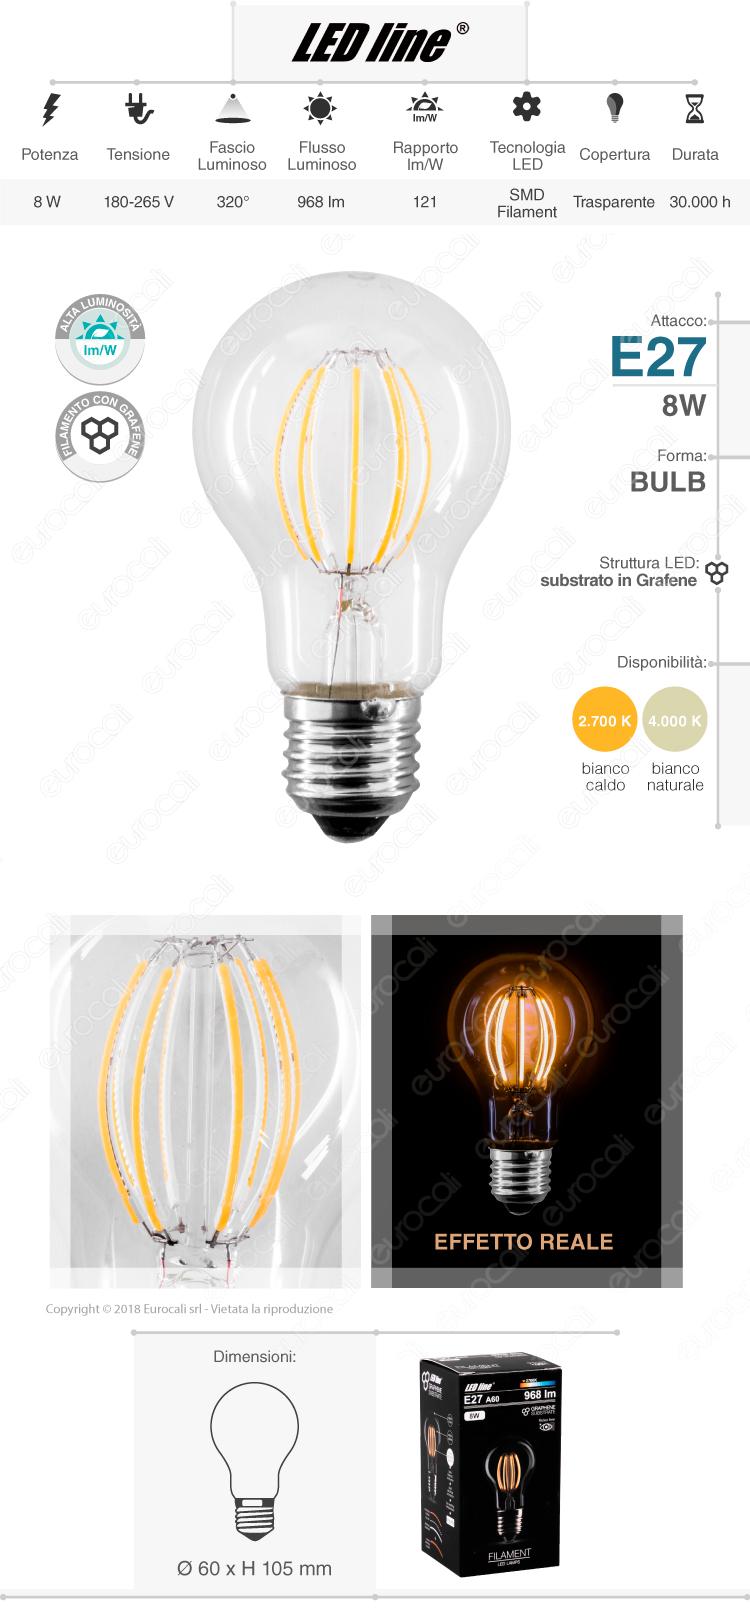 Led Line lampadina LED E27